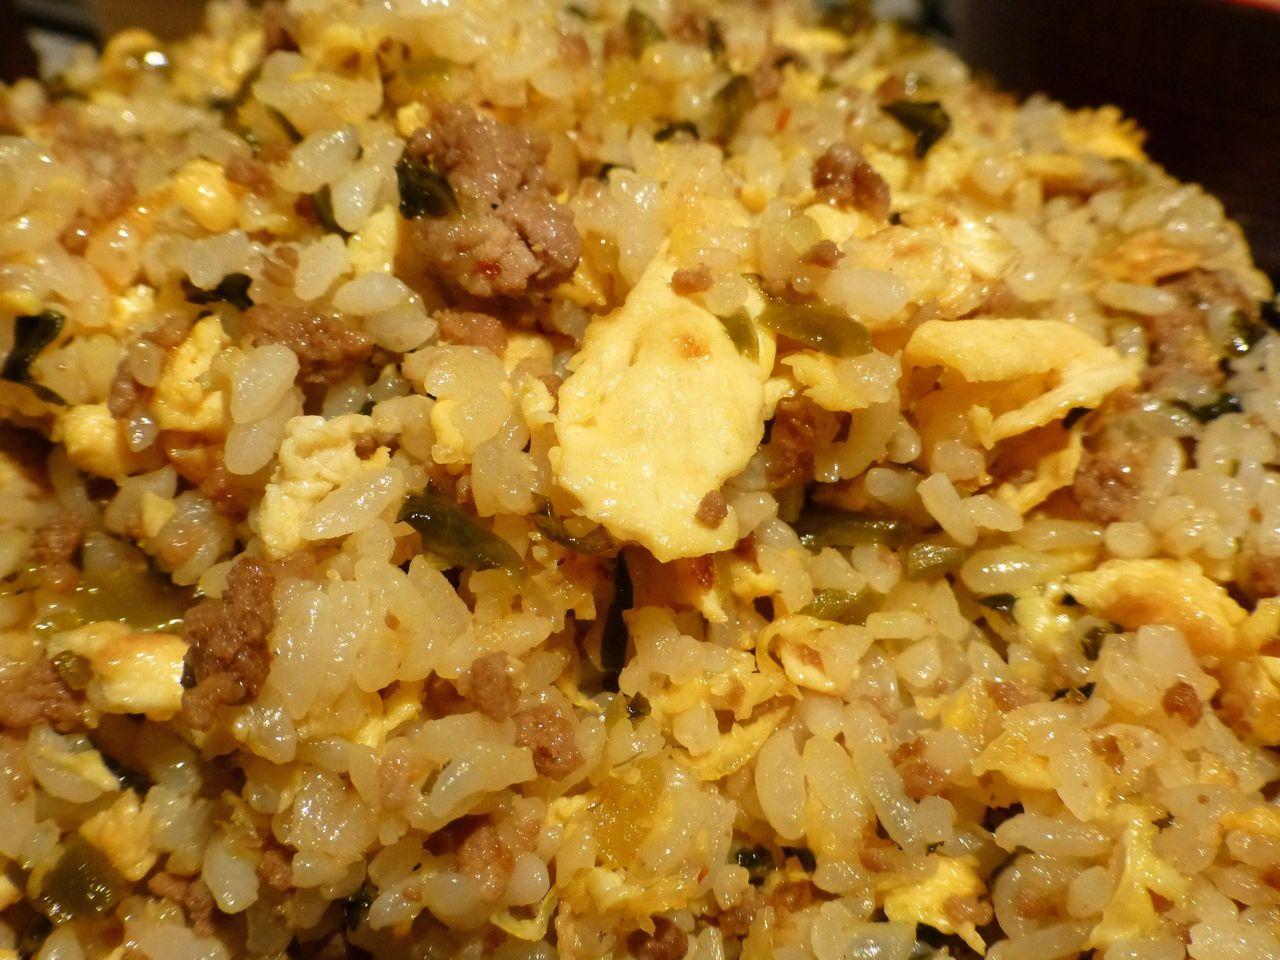 チャーハンの具材は、挽肉、高菜、卵!